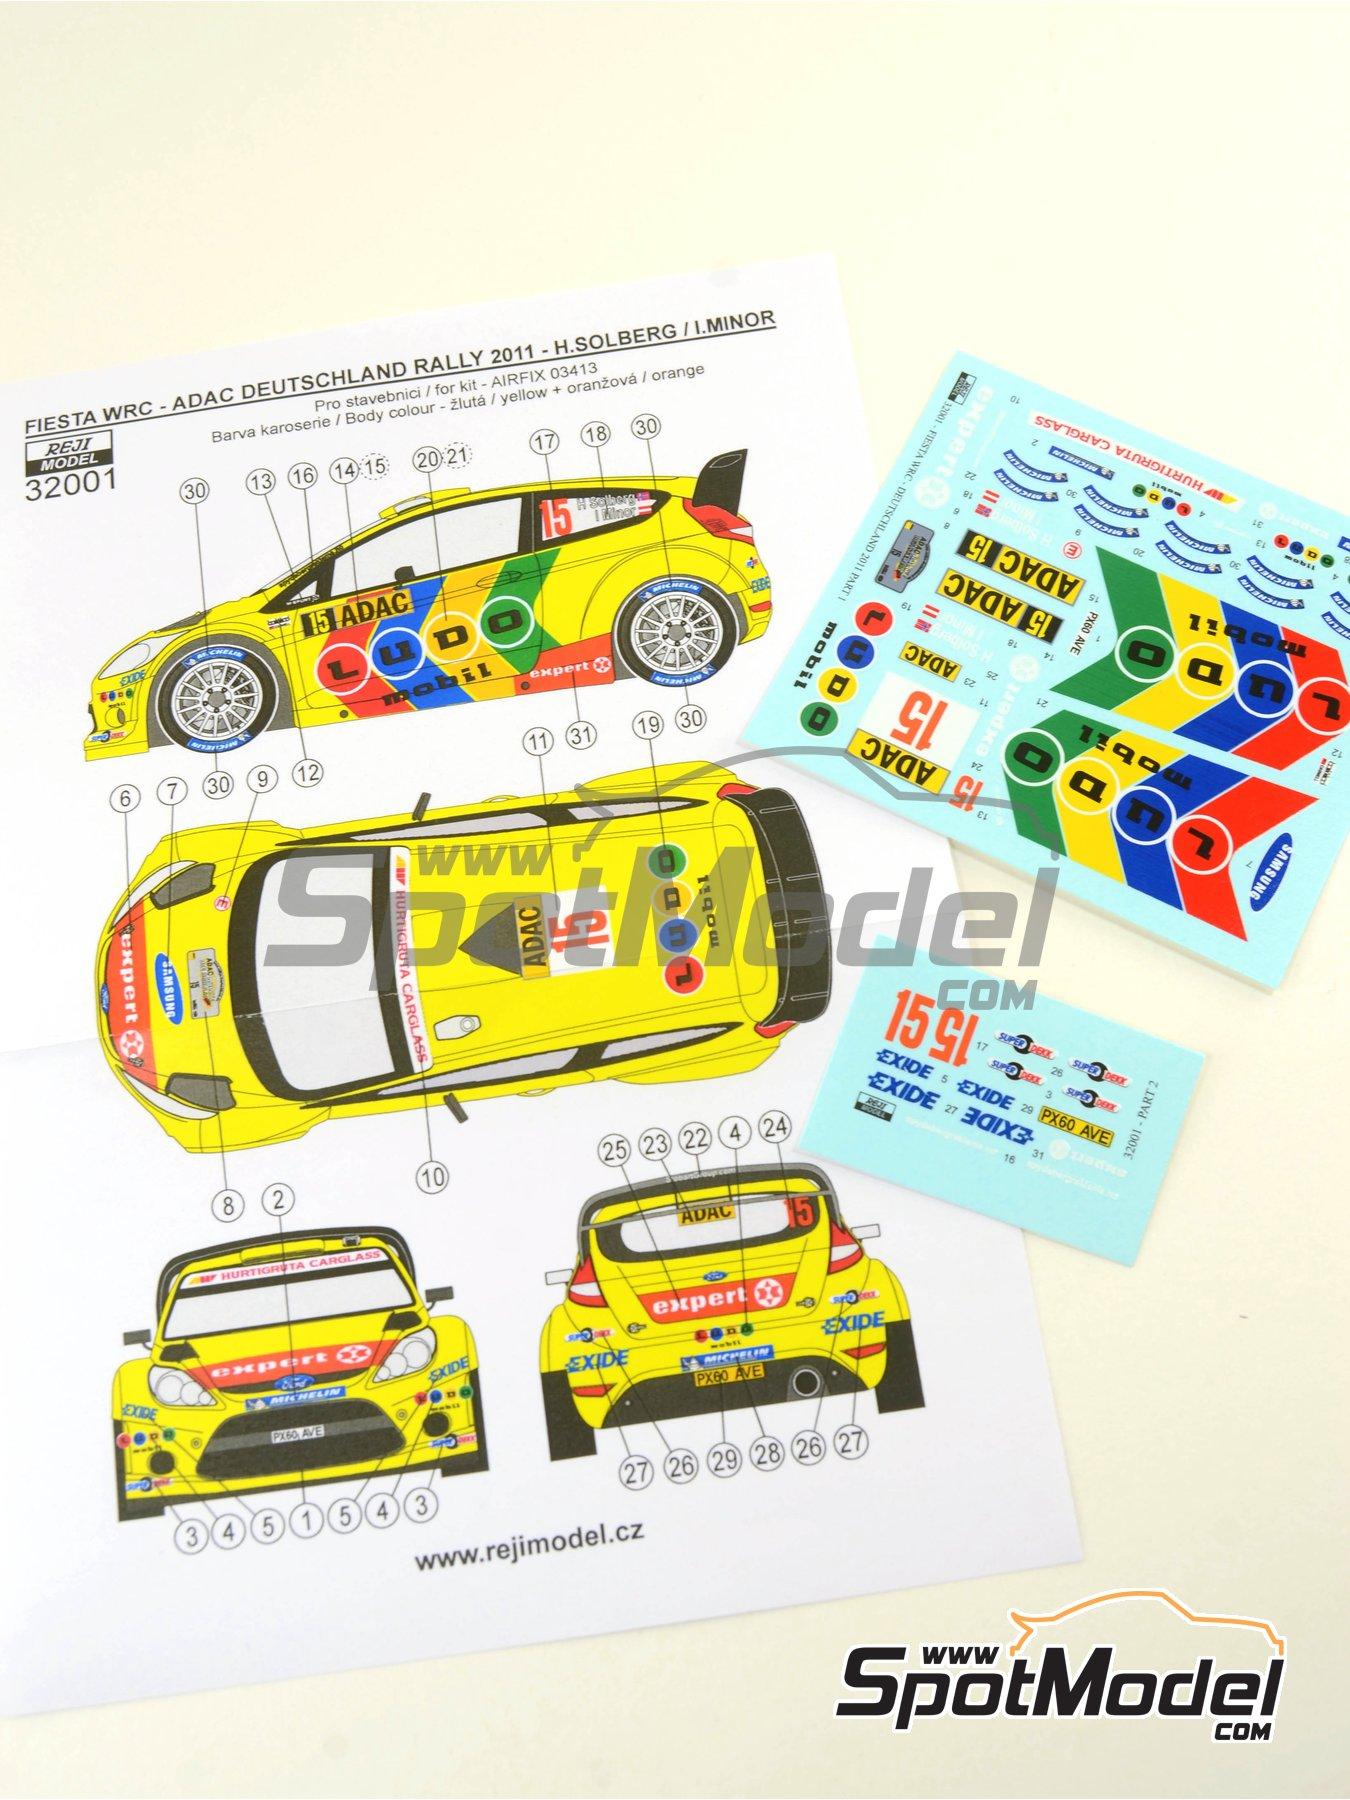 Ford Fiesta WRC Ludo Mobil - Rally de Alemania ADAC 2011 | Decoración en escala1/32 fabricado por Reji Model (ref.REJI-32001) image